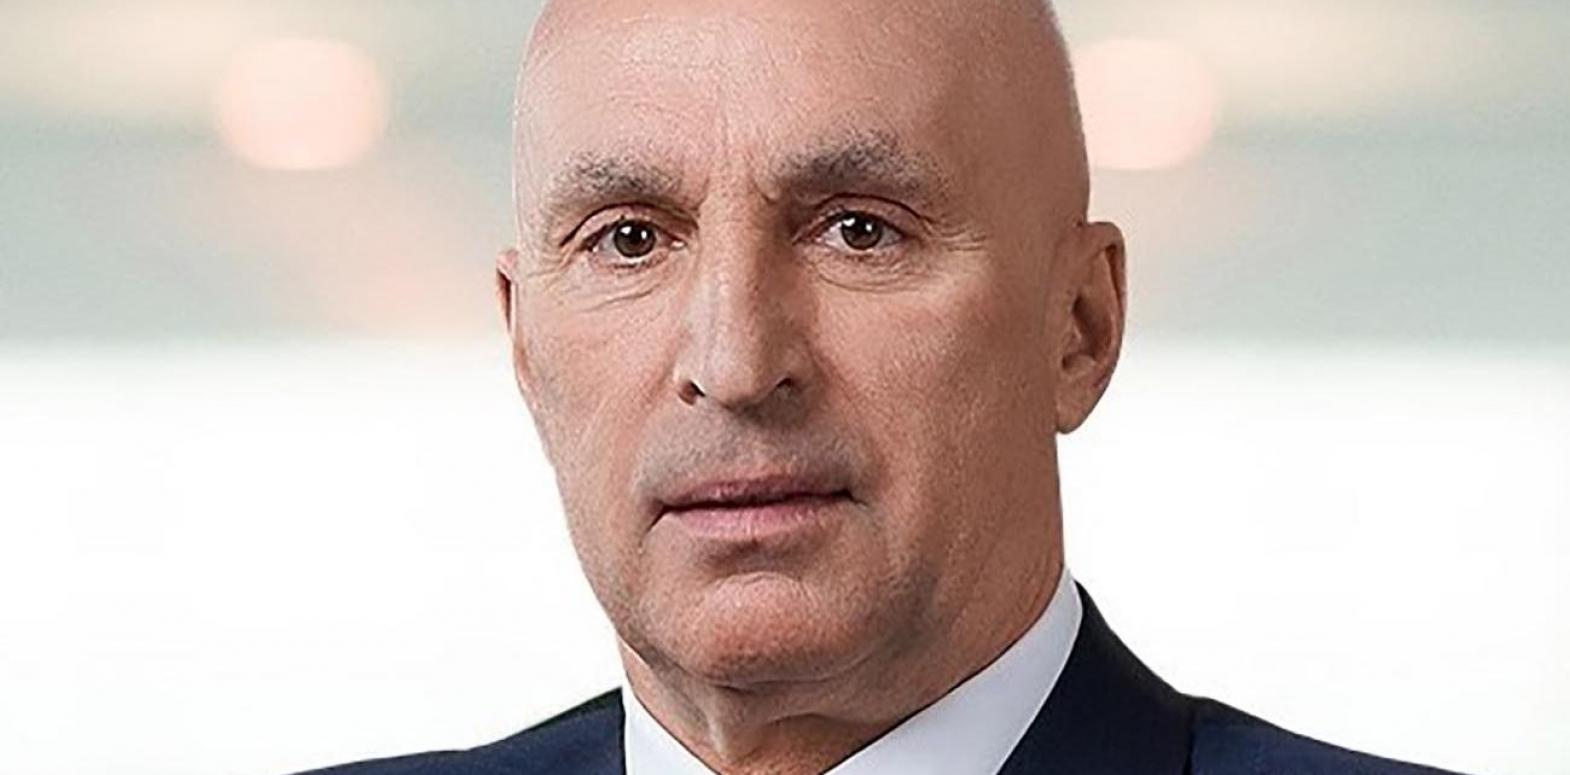 Ярославский готов привлечь 1 млрд долл. инвестиций для восстановления Харьковского авиазавода